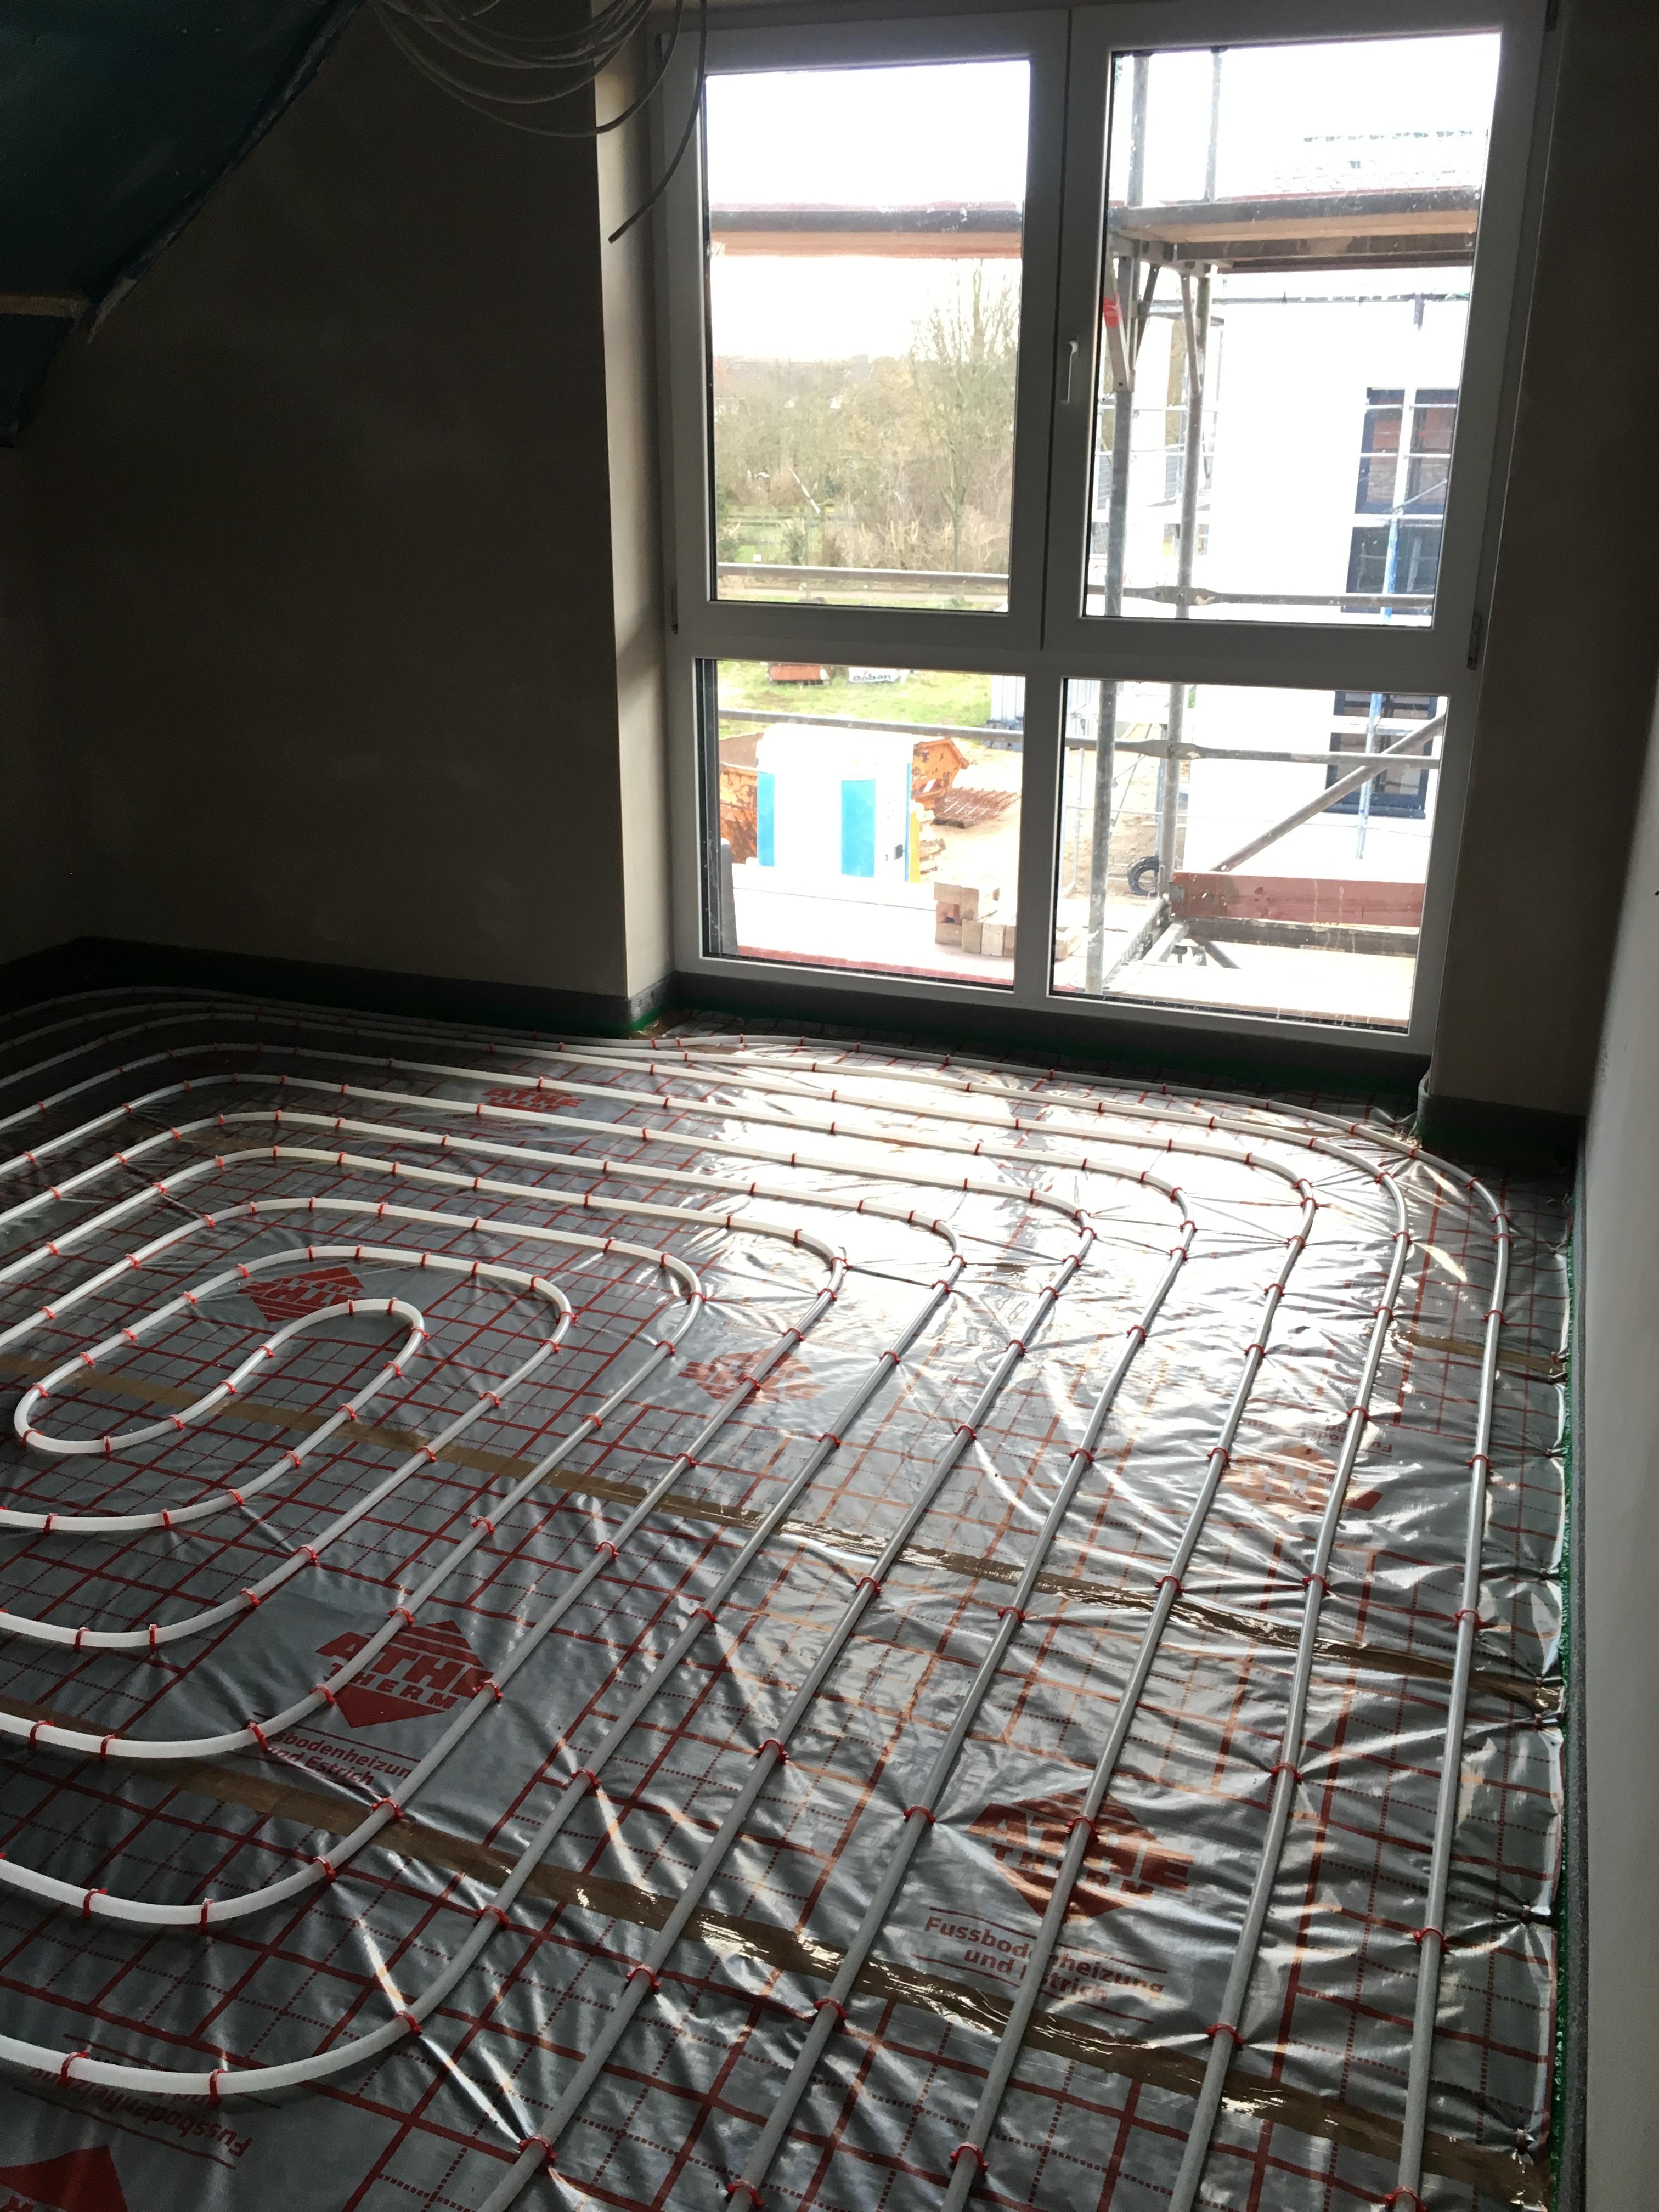 Fußbodenaufbau Und Fußbodenheizung | Unser Passivhaus In Burgdorf